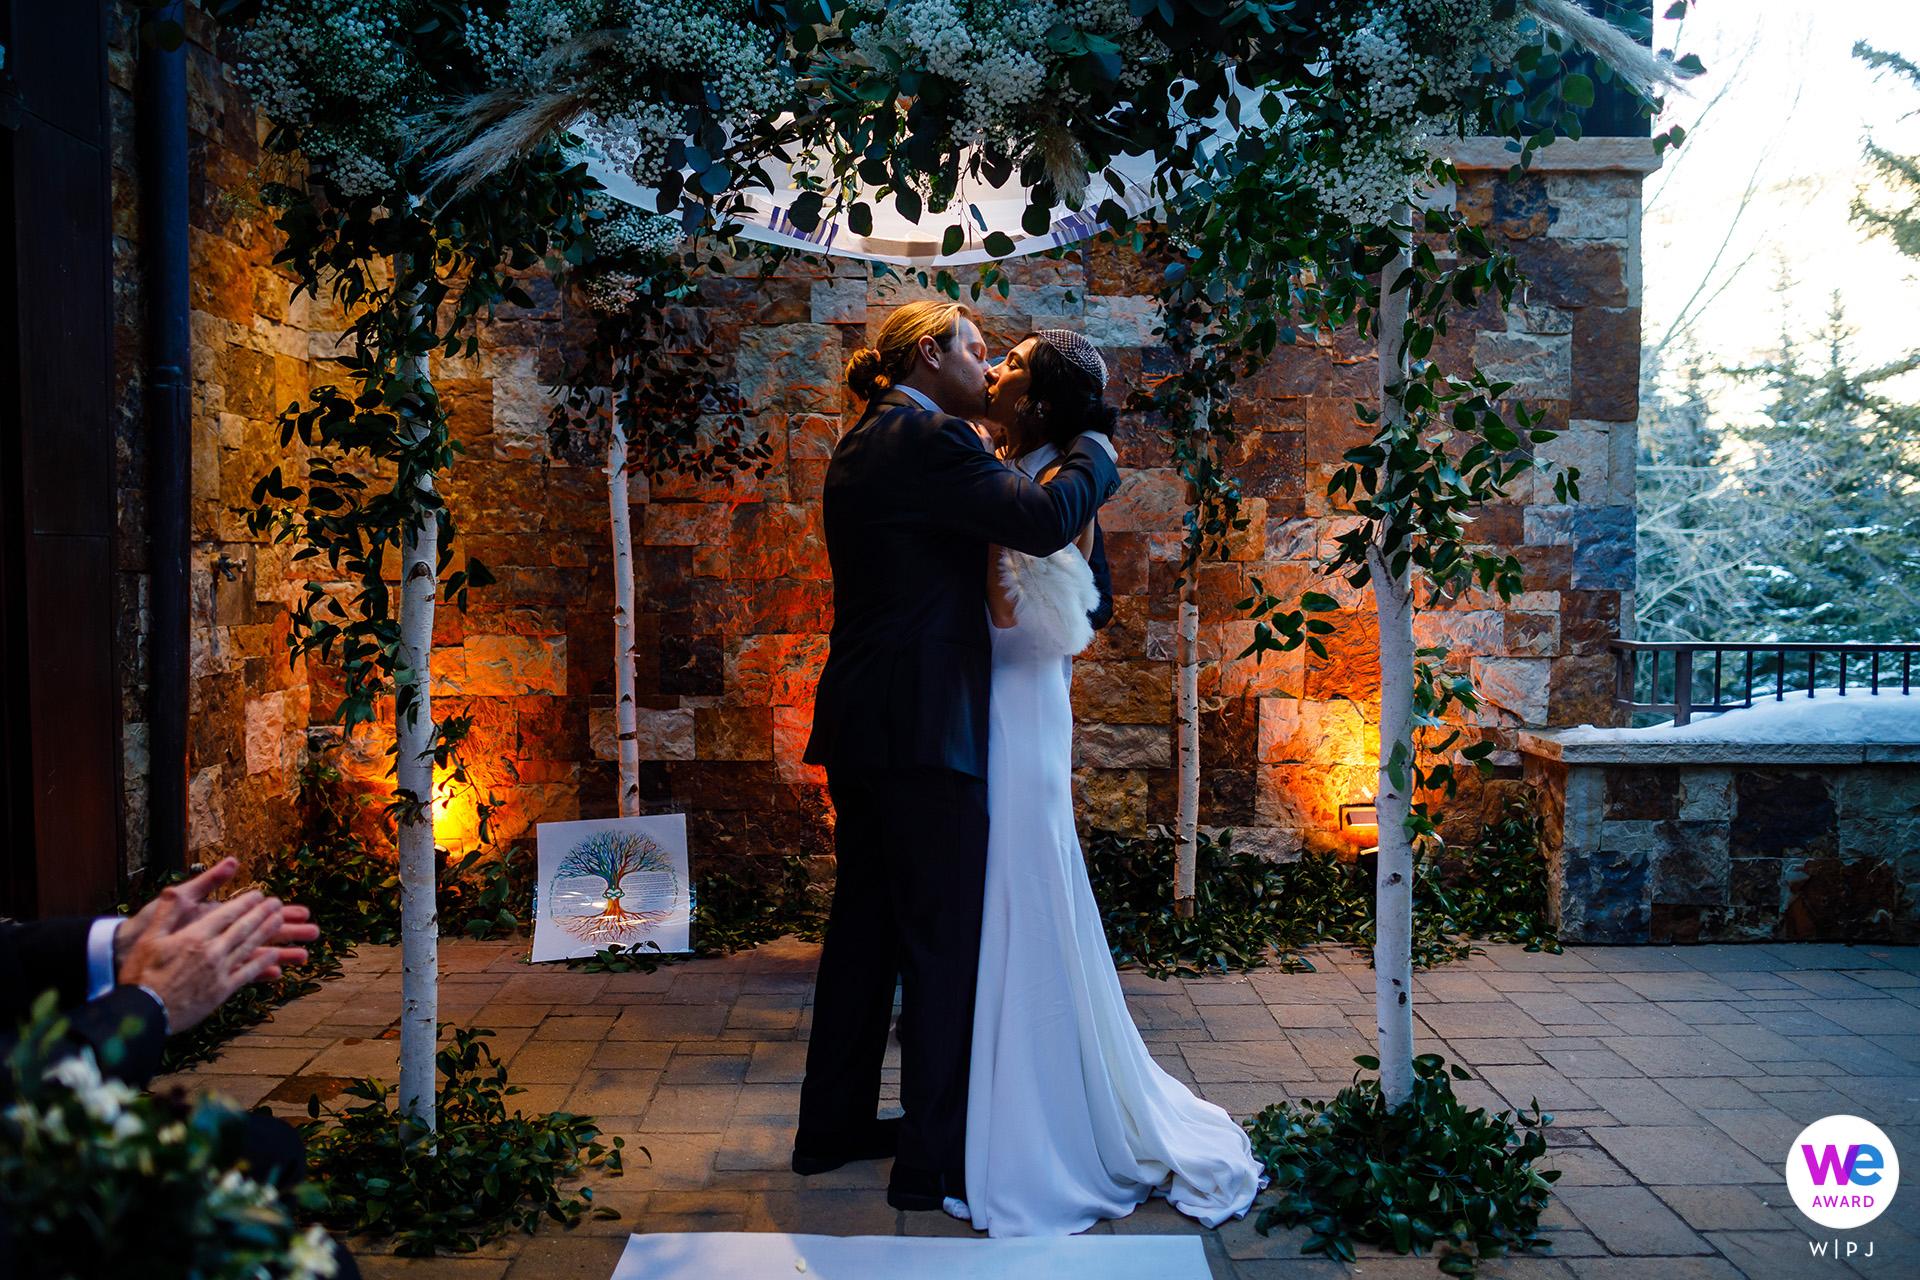 Vail, Colorado Cérémonie de mariage en montagne Photo du marié prenant sa nouvelle épouse dans ses bras et l'embrasse pour la première fois